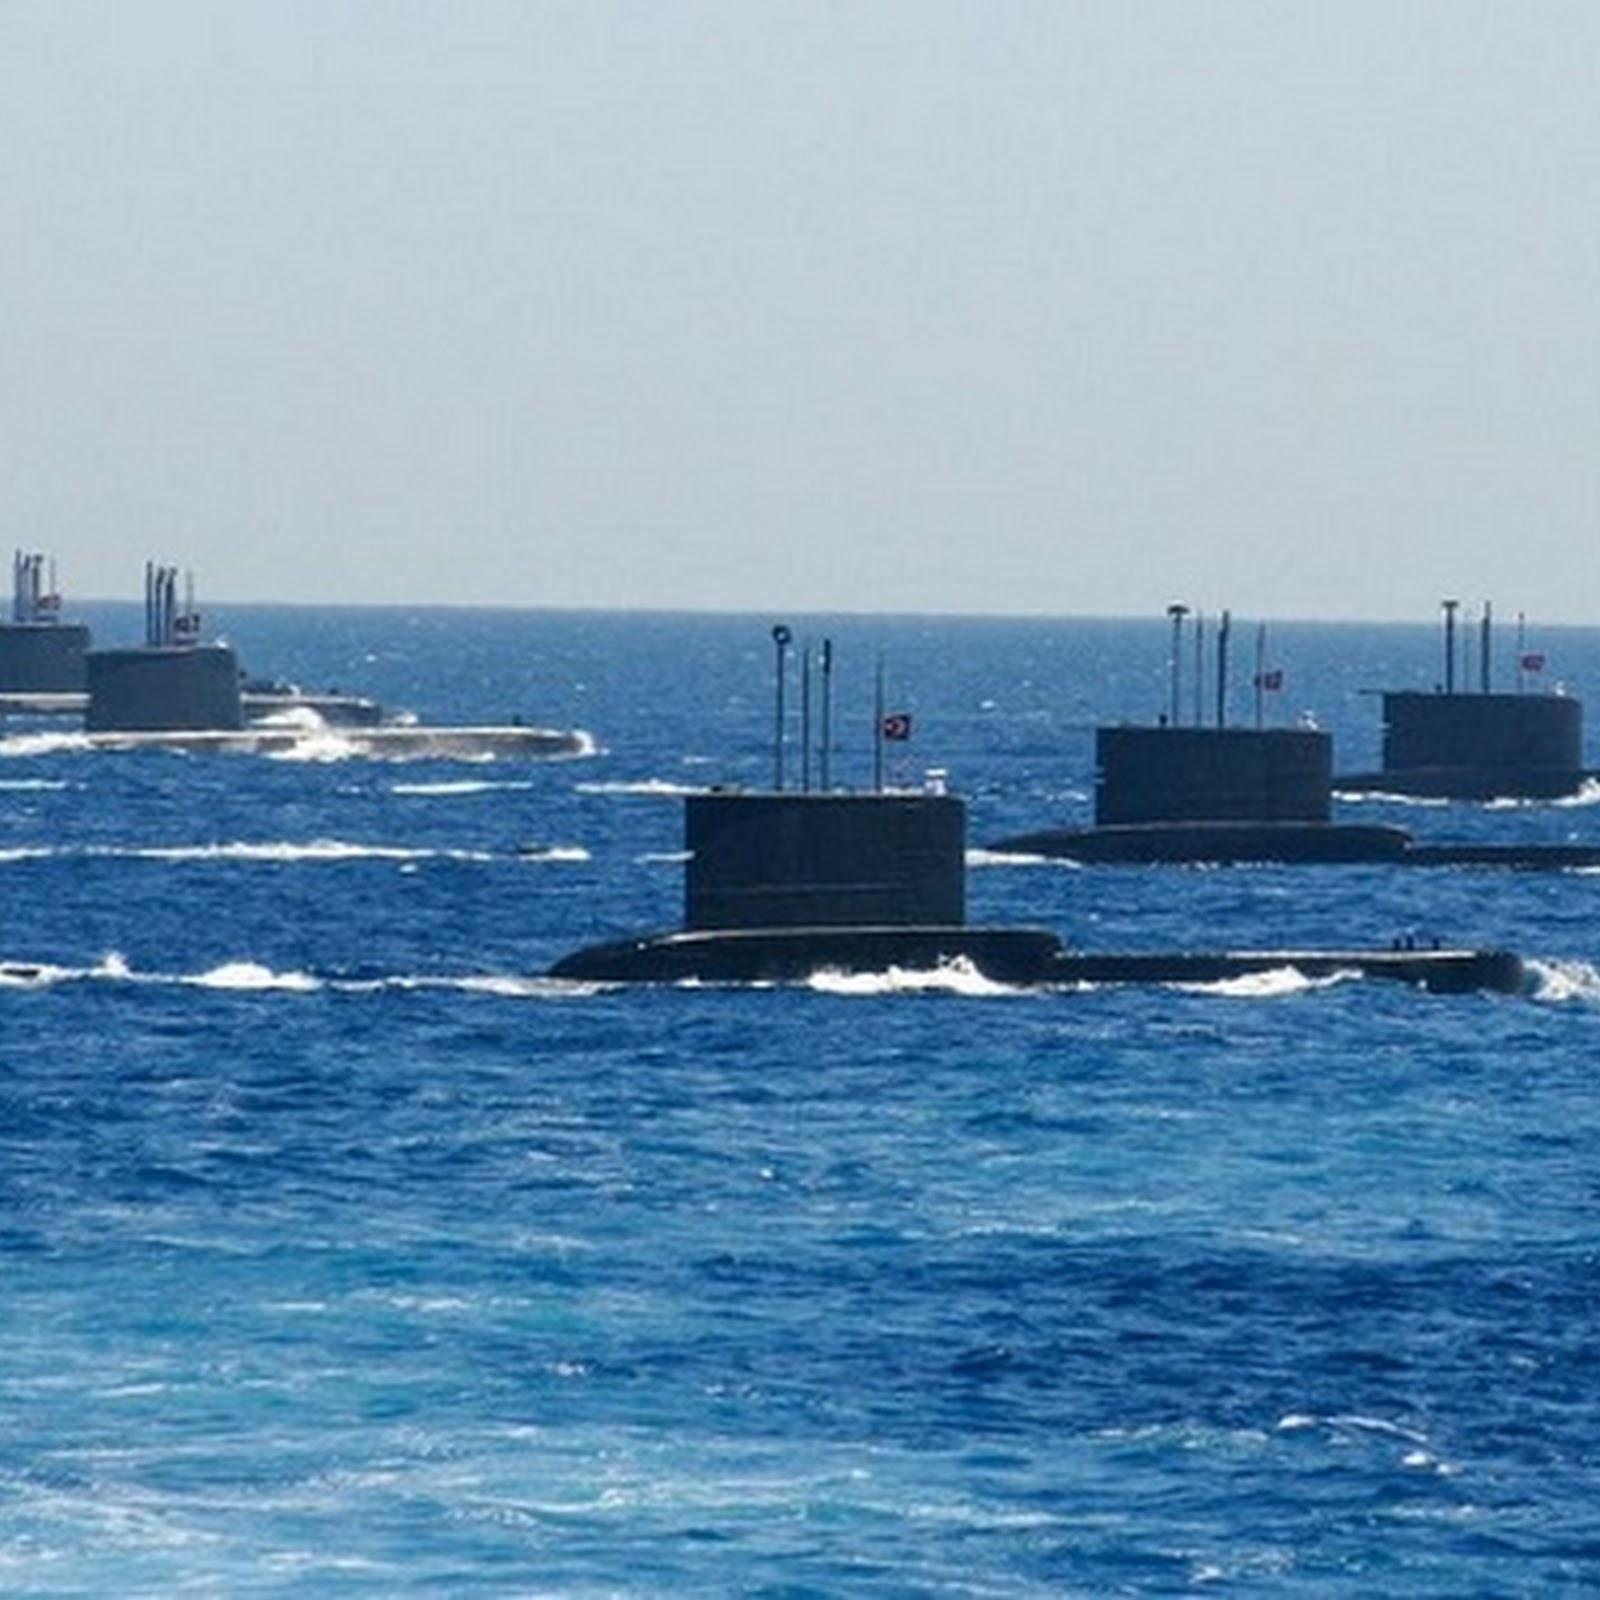 Κινητικότητα του Τουρκικού ΠΝ σε Αιγαίο-Μεσόγειο: Σενάριο για να επίθεση σε ελληνικά νησιά ''χτίζουν'' ΜΜΕ του Ερντογάν